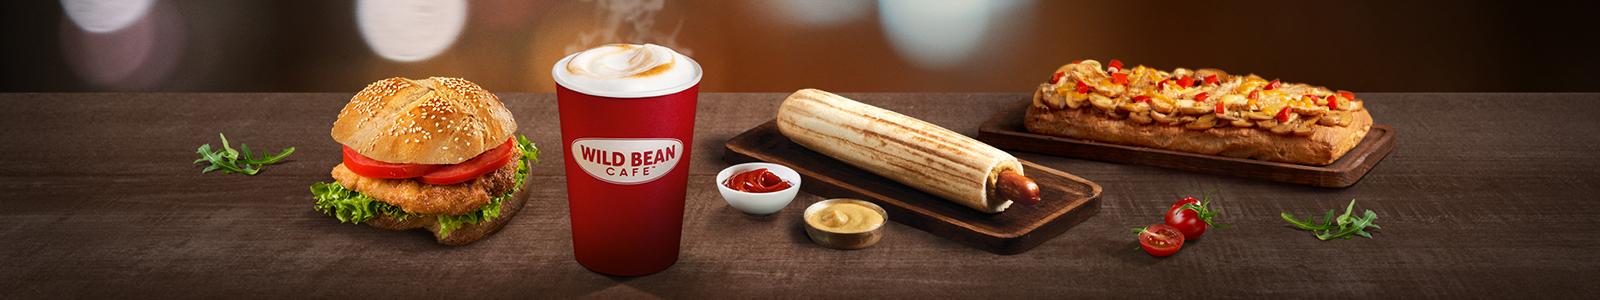 Wild Bean Cafe Zamów z Dostawą